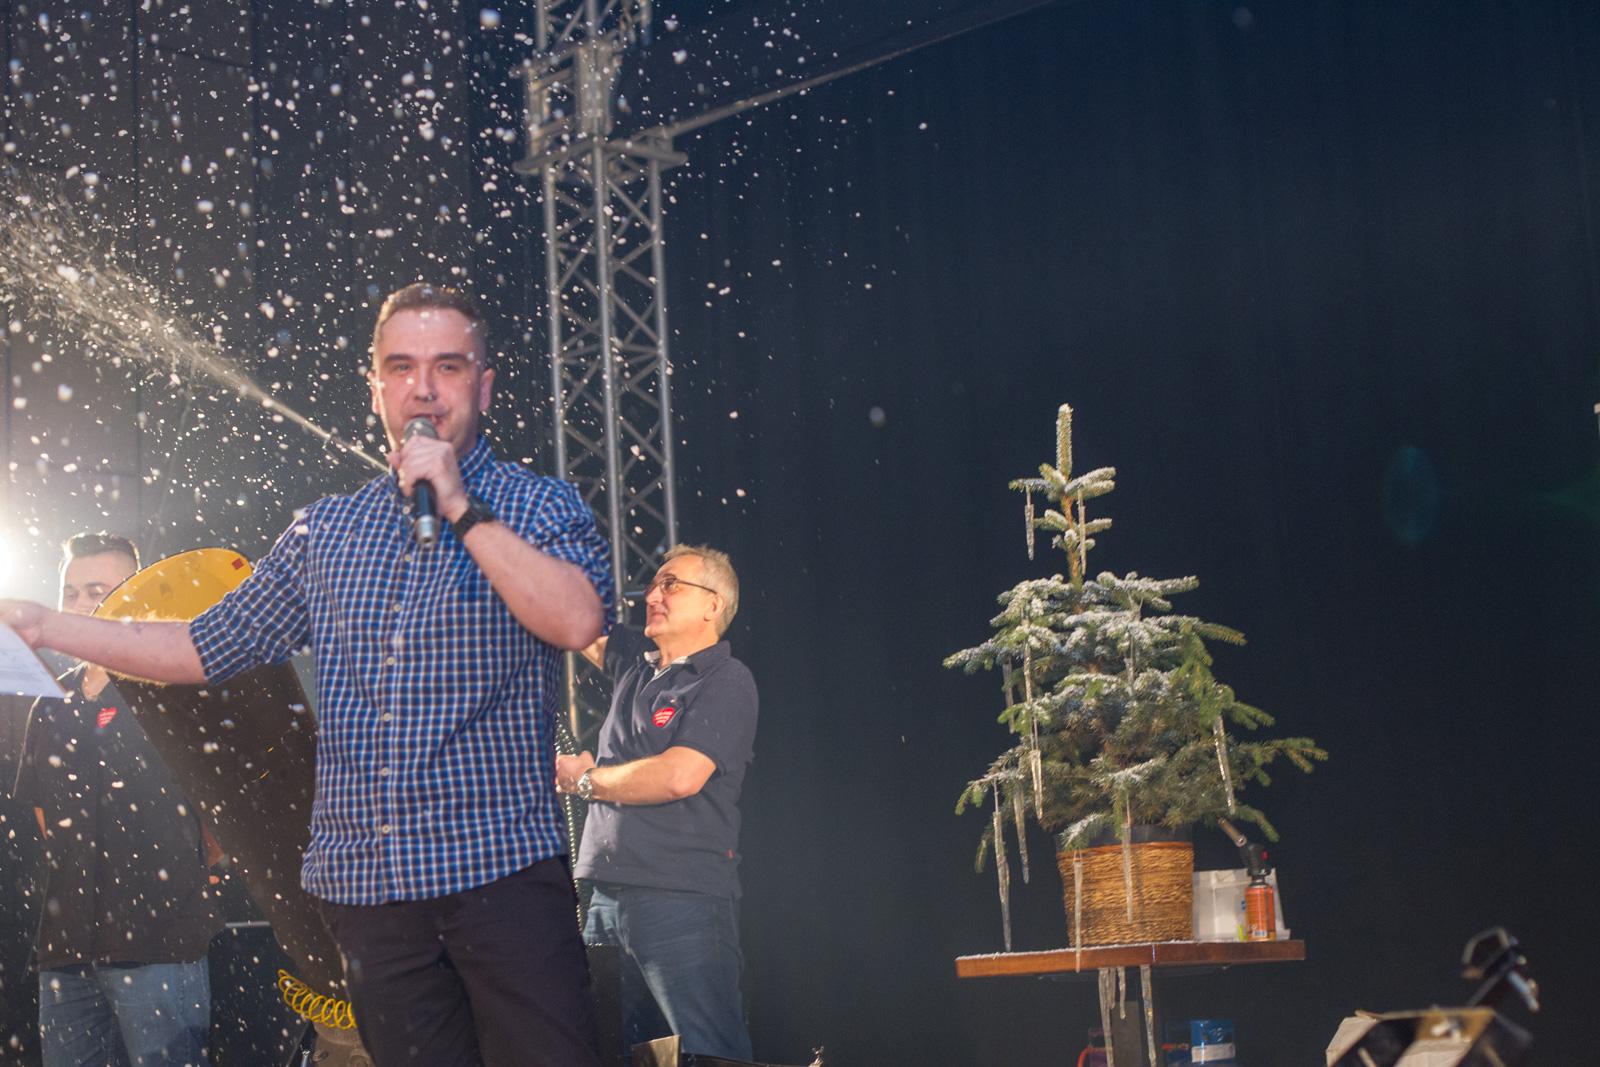 Zdjęcie: Śnieżne bajeczki, fot. A. Bajkowski (23)